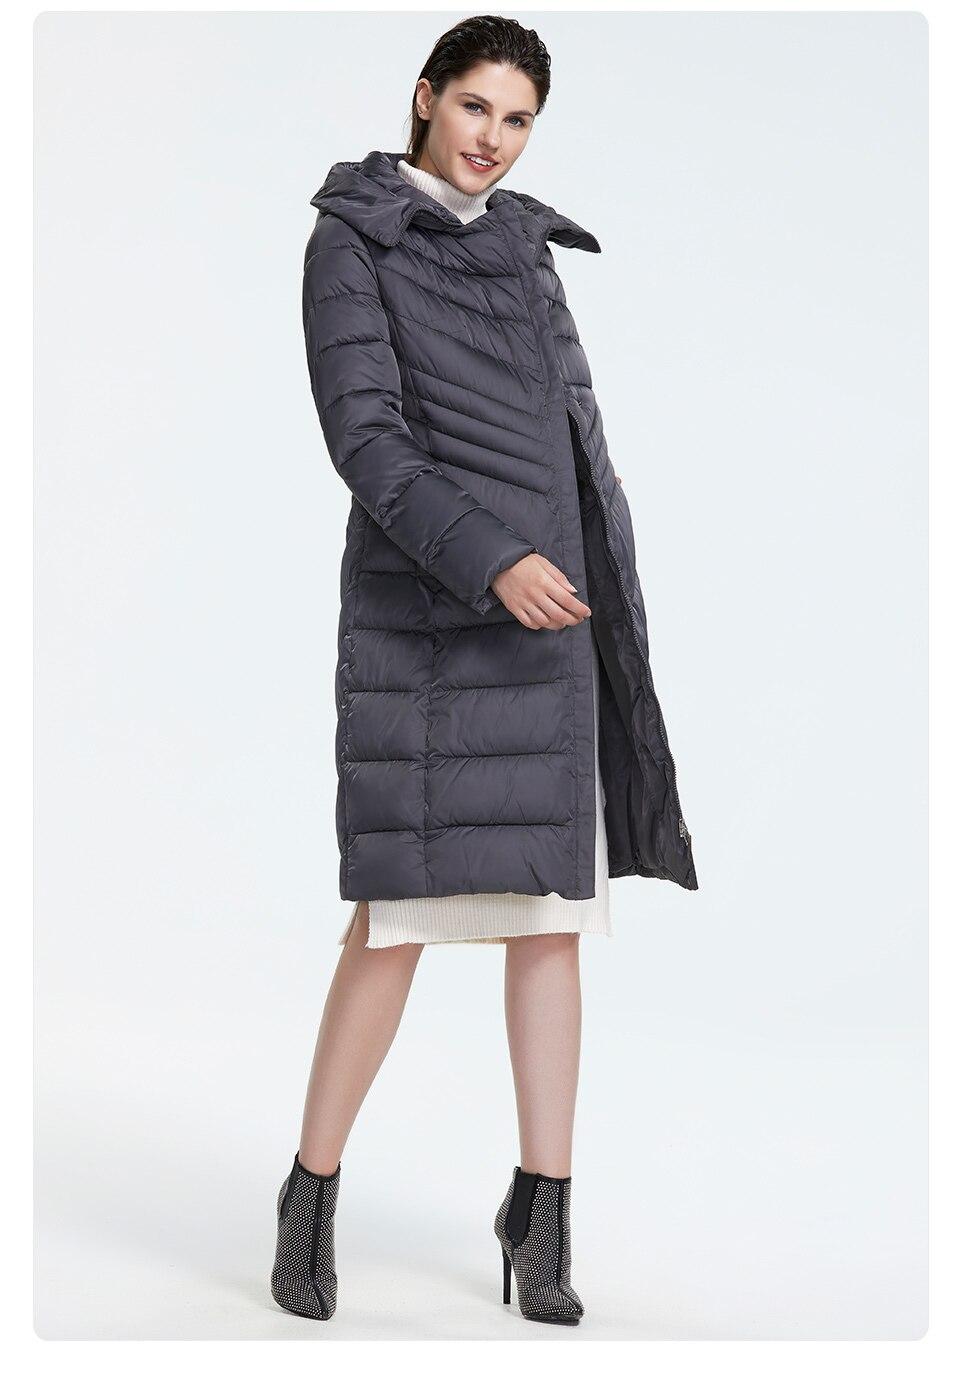 slim jacket (13)